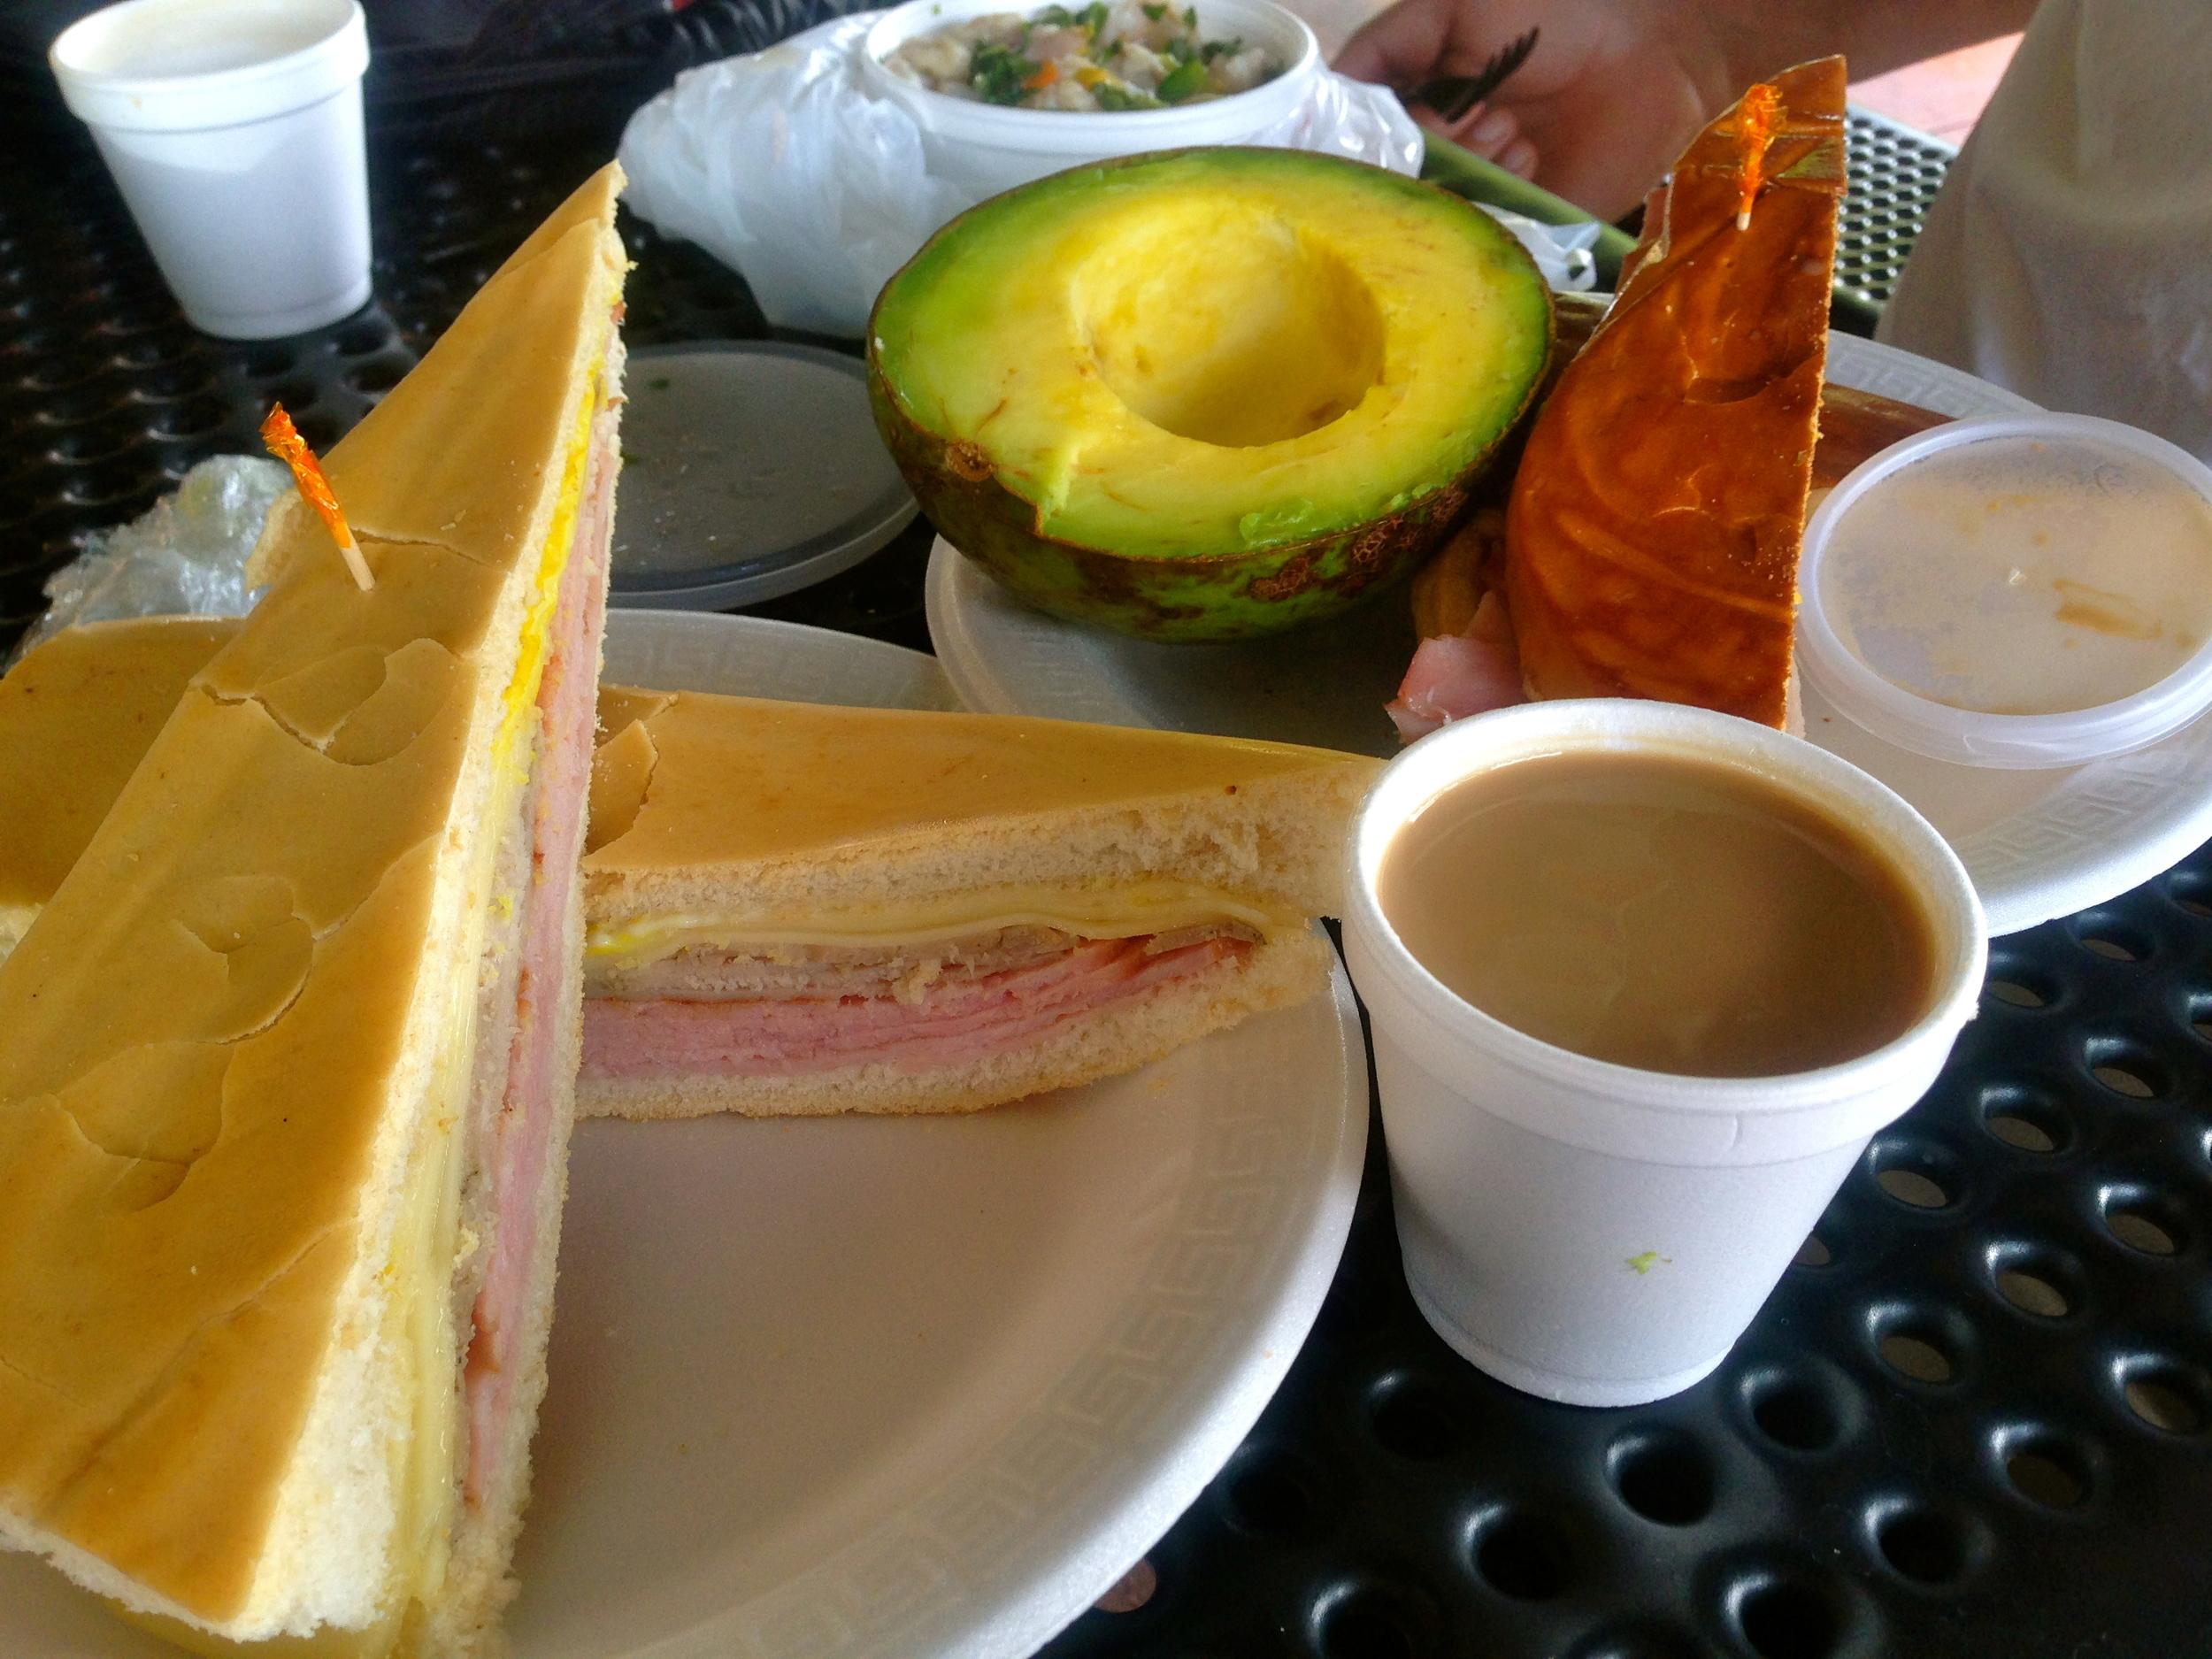 Media noche sandwich, cuban sandwich,huge avocados and cuban coffee, cortadito at the Palacio de los jugos.